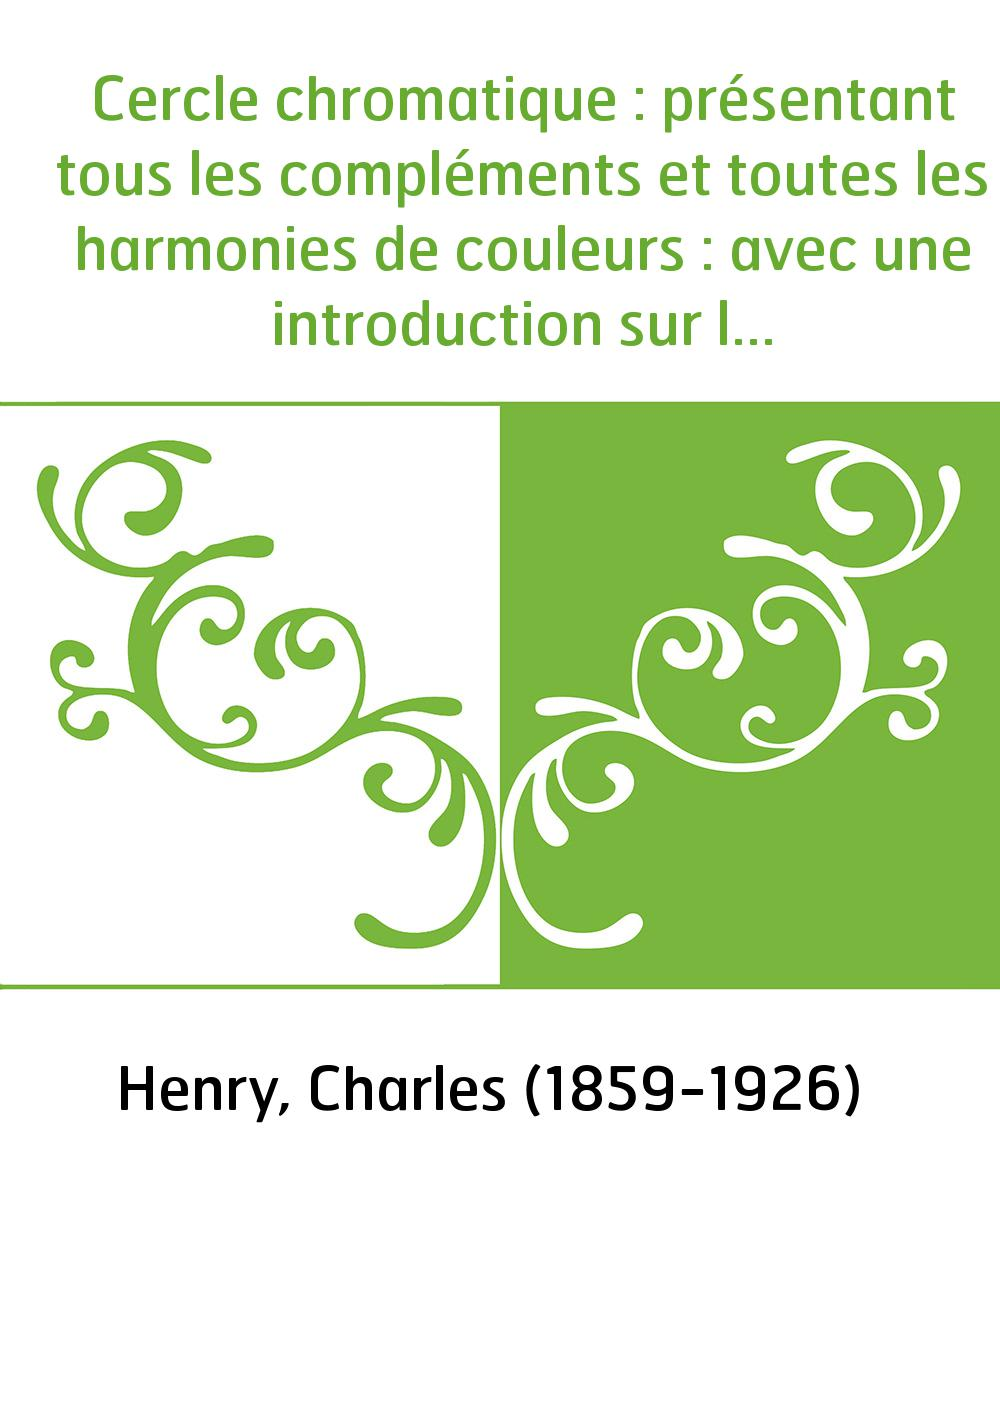 Cercle chromatique : présentant tous les compléments et toutes les harmonies de couleurs : avec une introduction sur la théorie